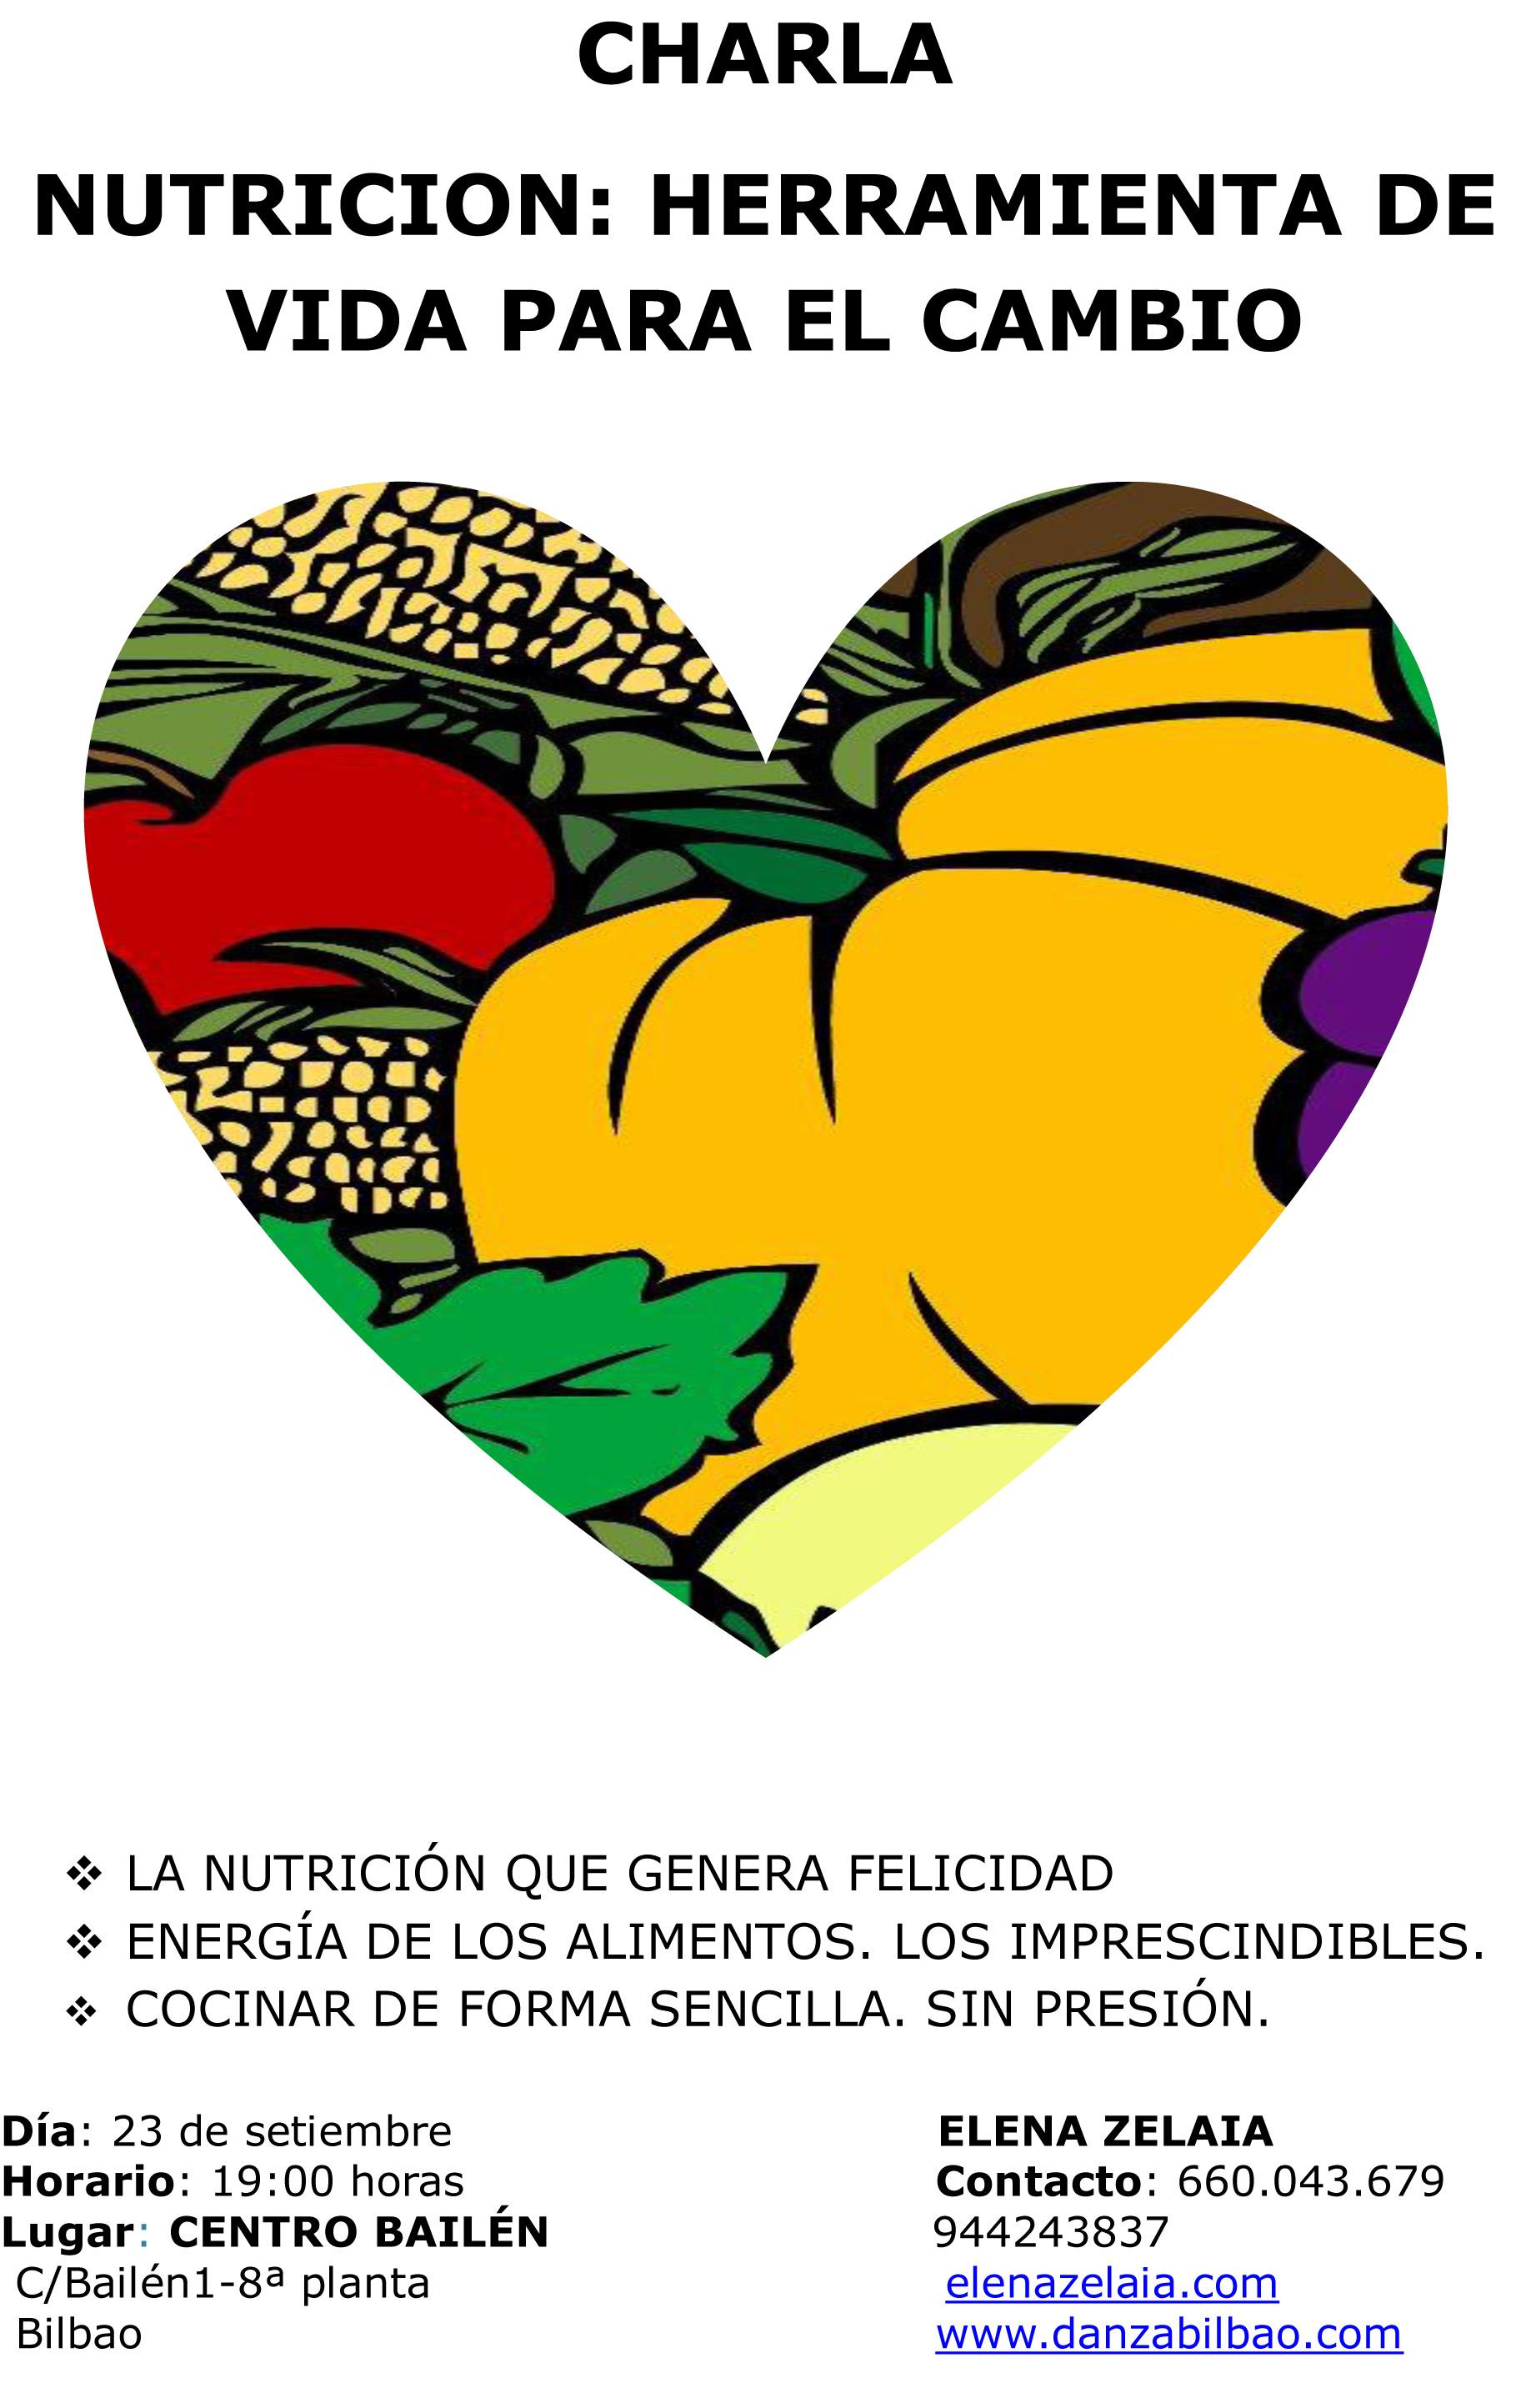 Charla nutrición: 23/9/2013